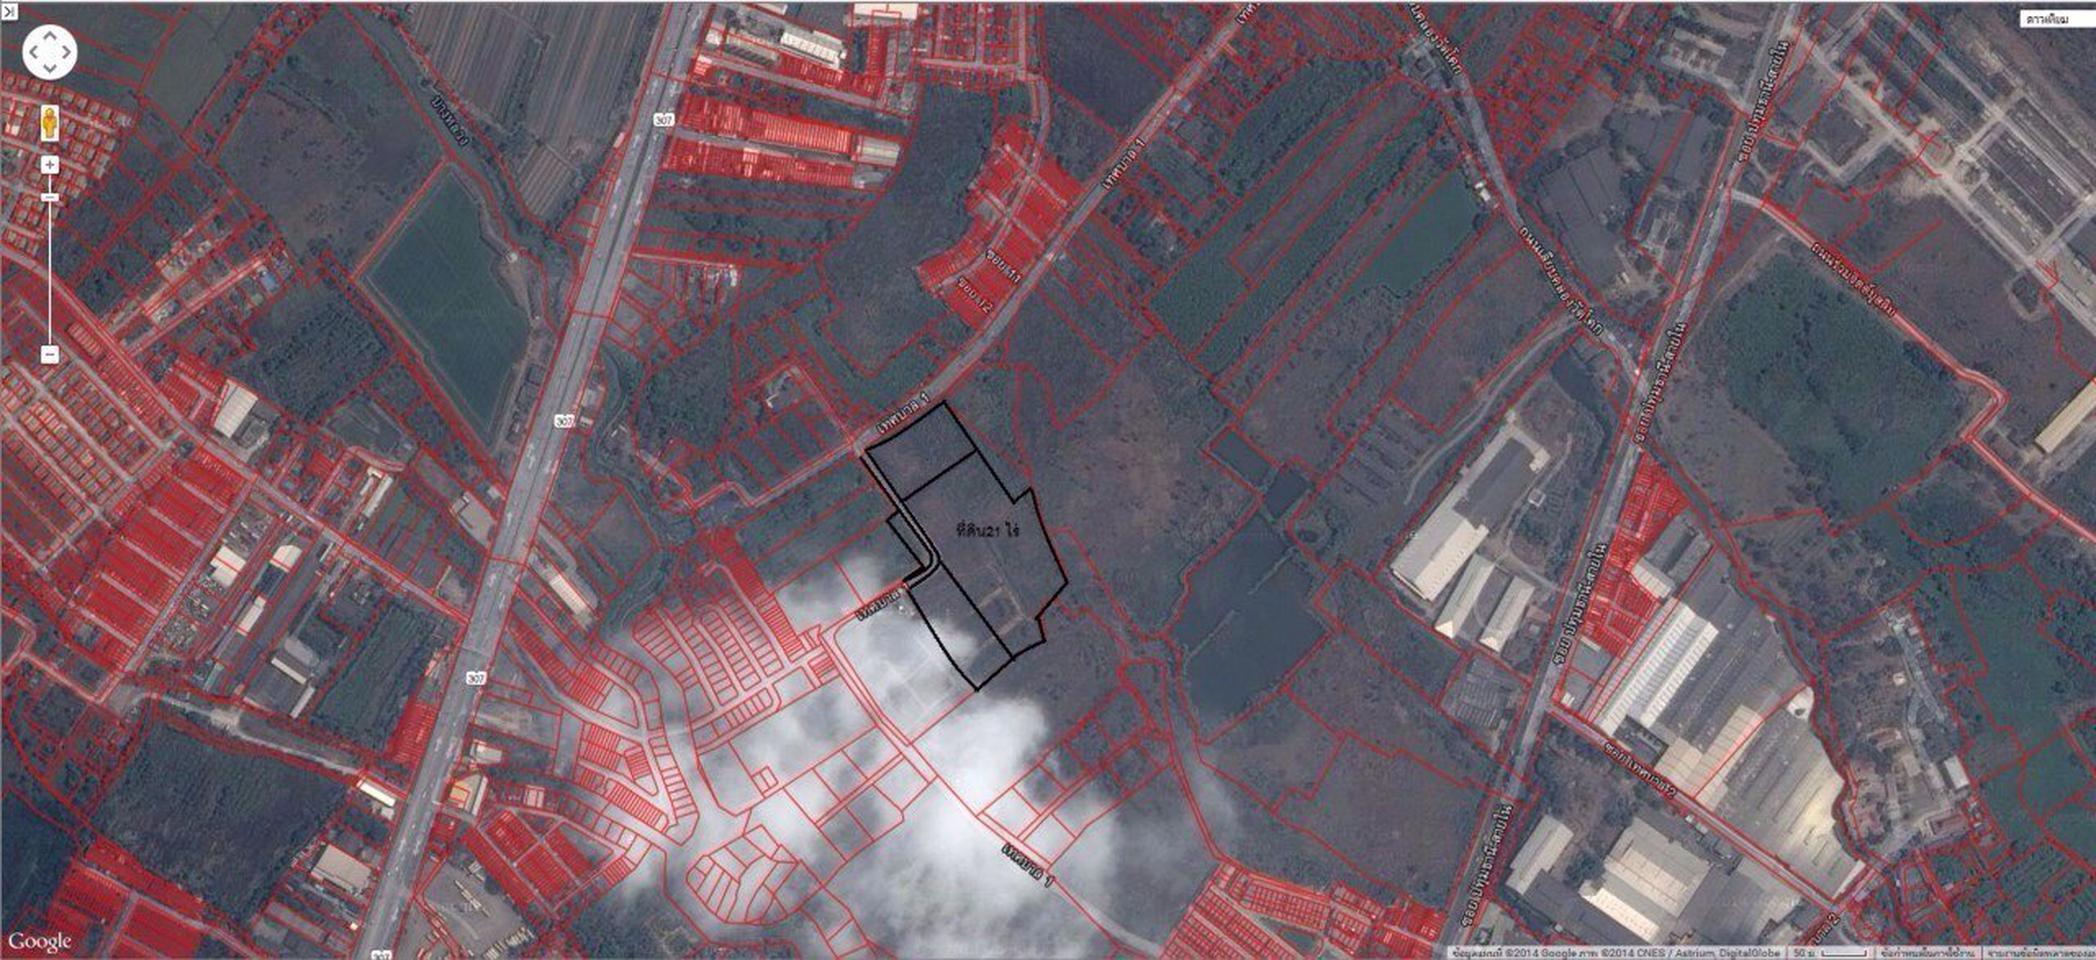 ขายที่ดินเปล่า ทำเลดีมาก เทศบาล ปทุมธานี สร้างได้ทุกอย่าง รูปที่ 6